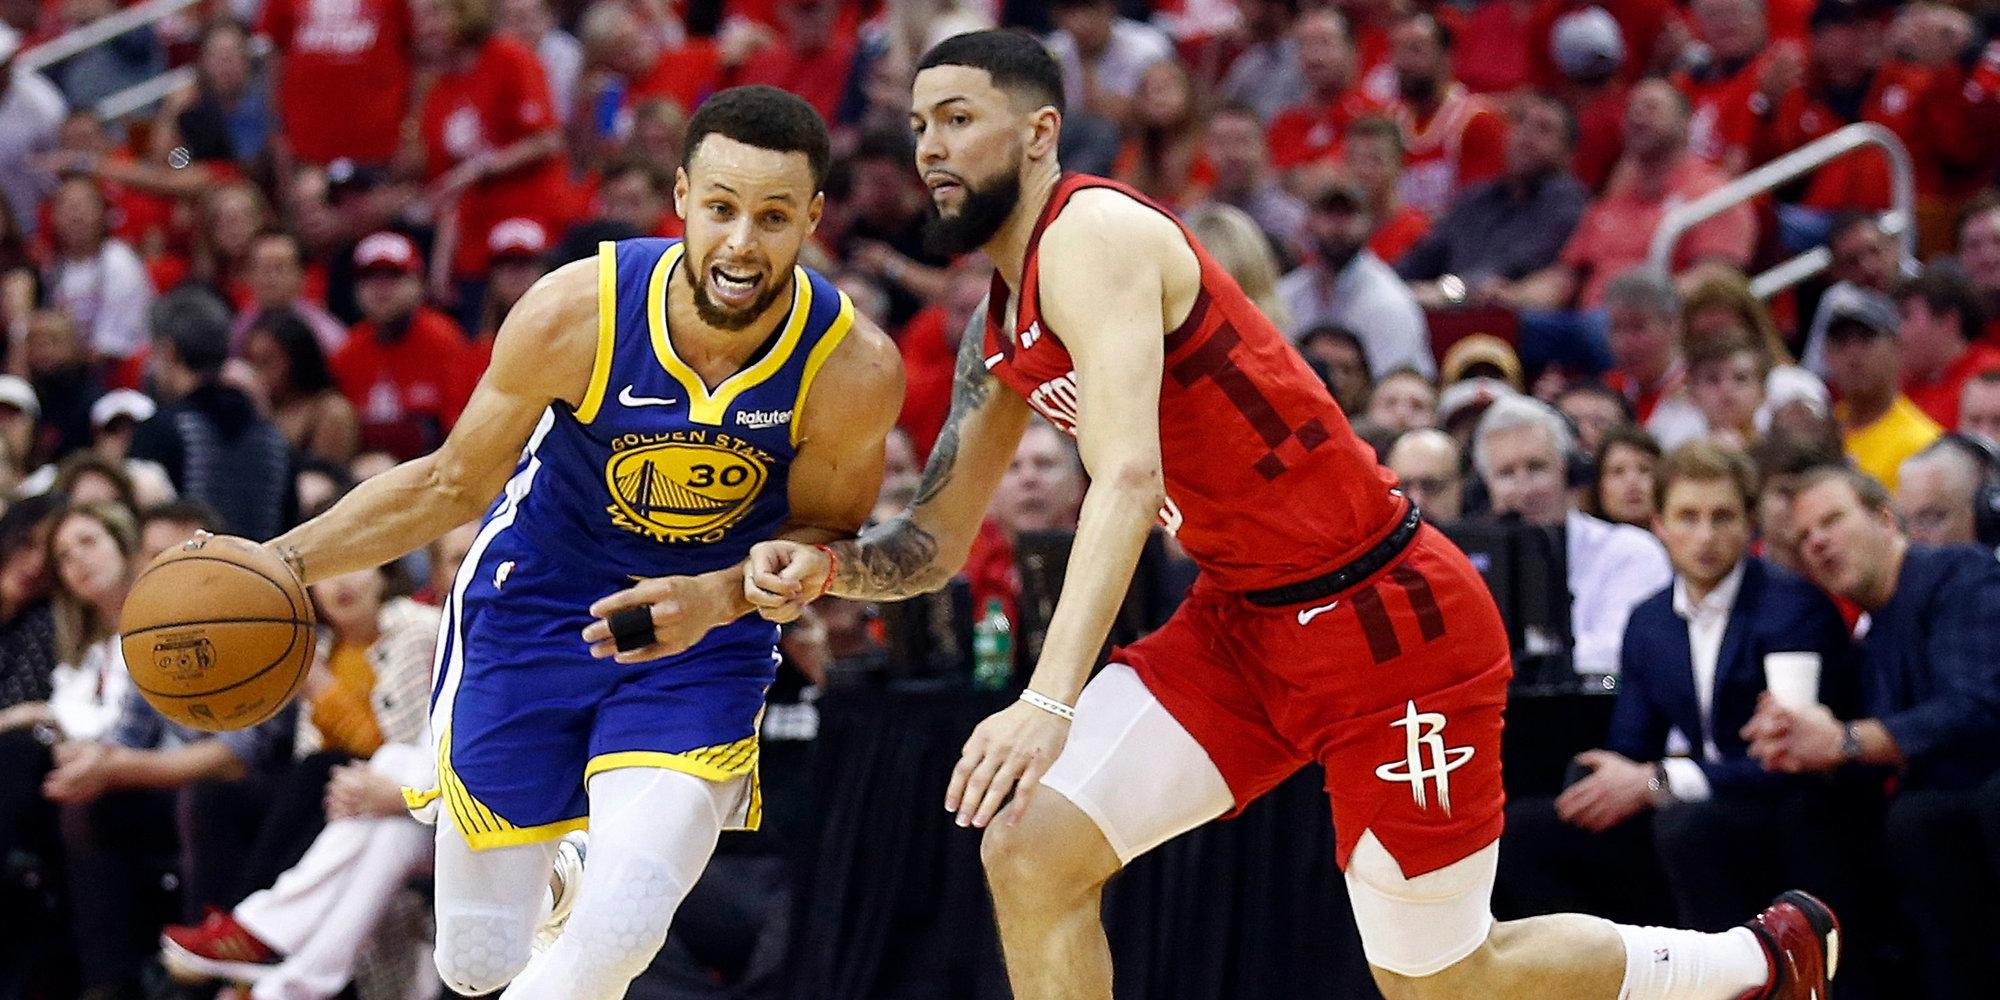 НБА и профсоюз игроков договорились о продлении моратория на подписание контрактов